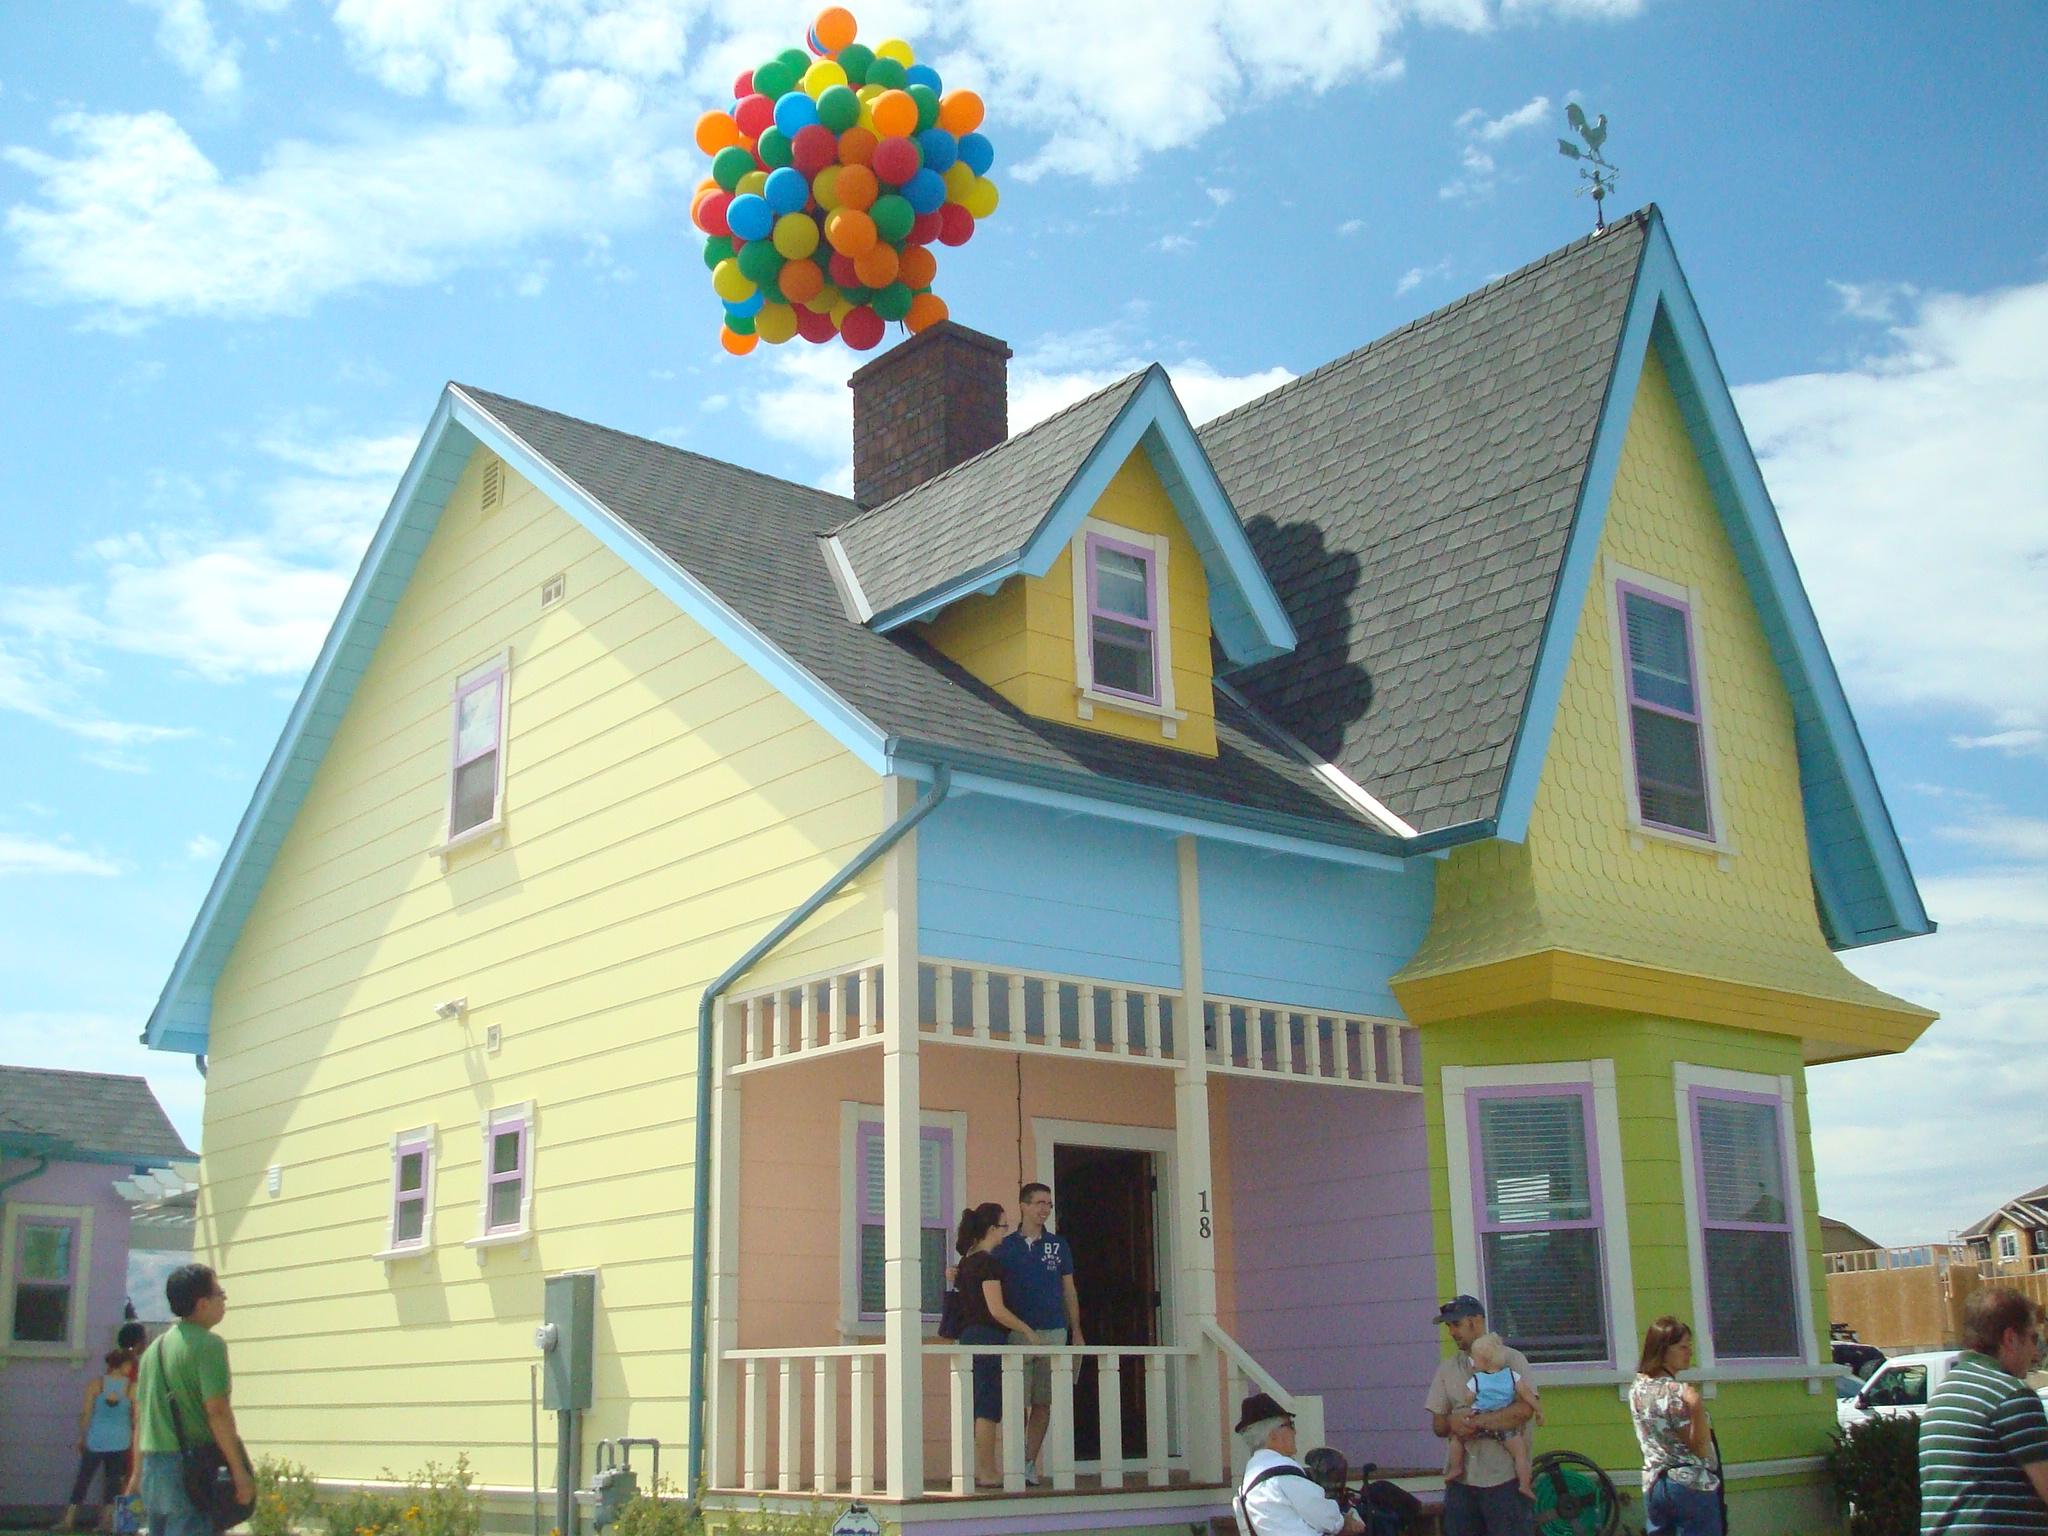 The up house has landed in utah kweenmama 39 s kastle for Utah house